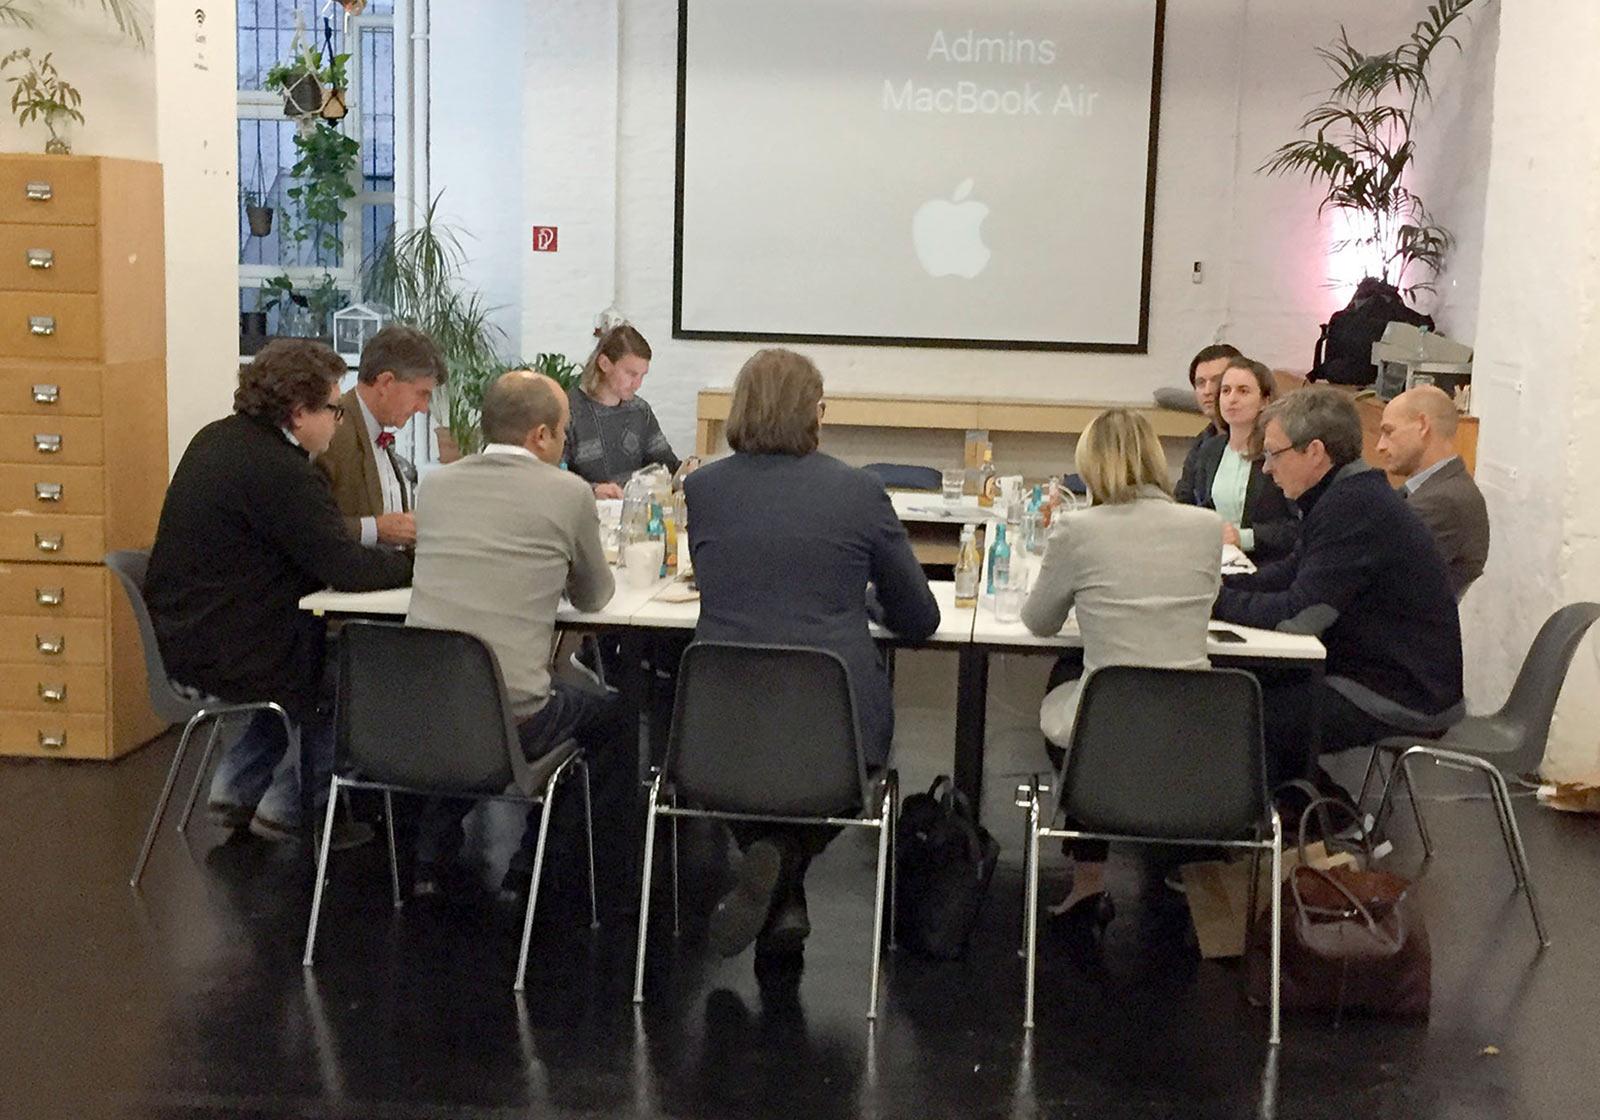 Die Jury auf der Suche nach visionären Konzepten um die Unternehmensgastronomie 2025. Foto: jovoto